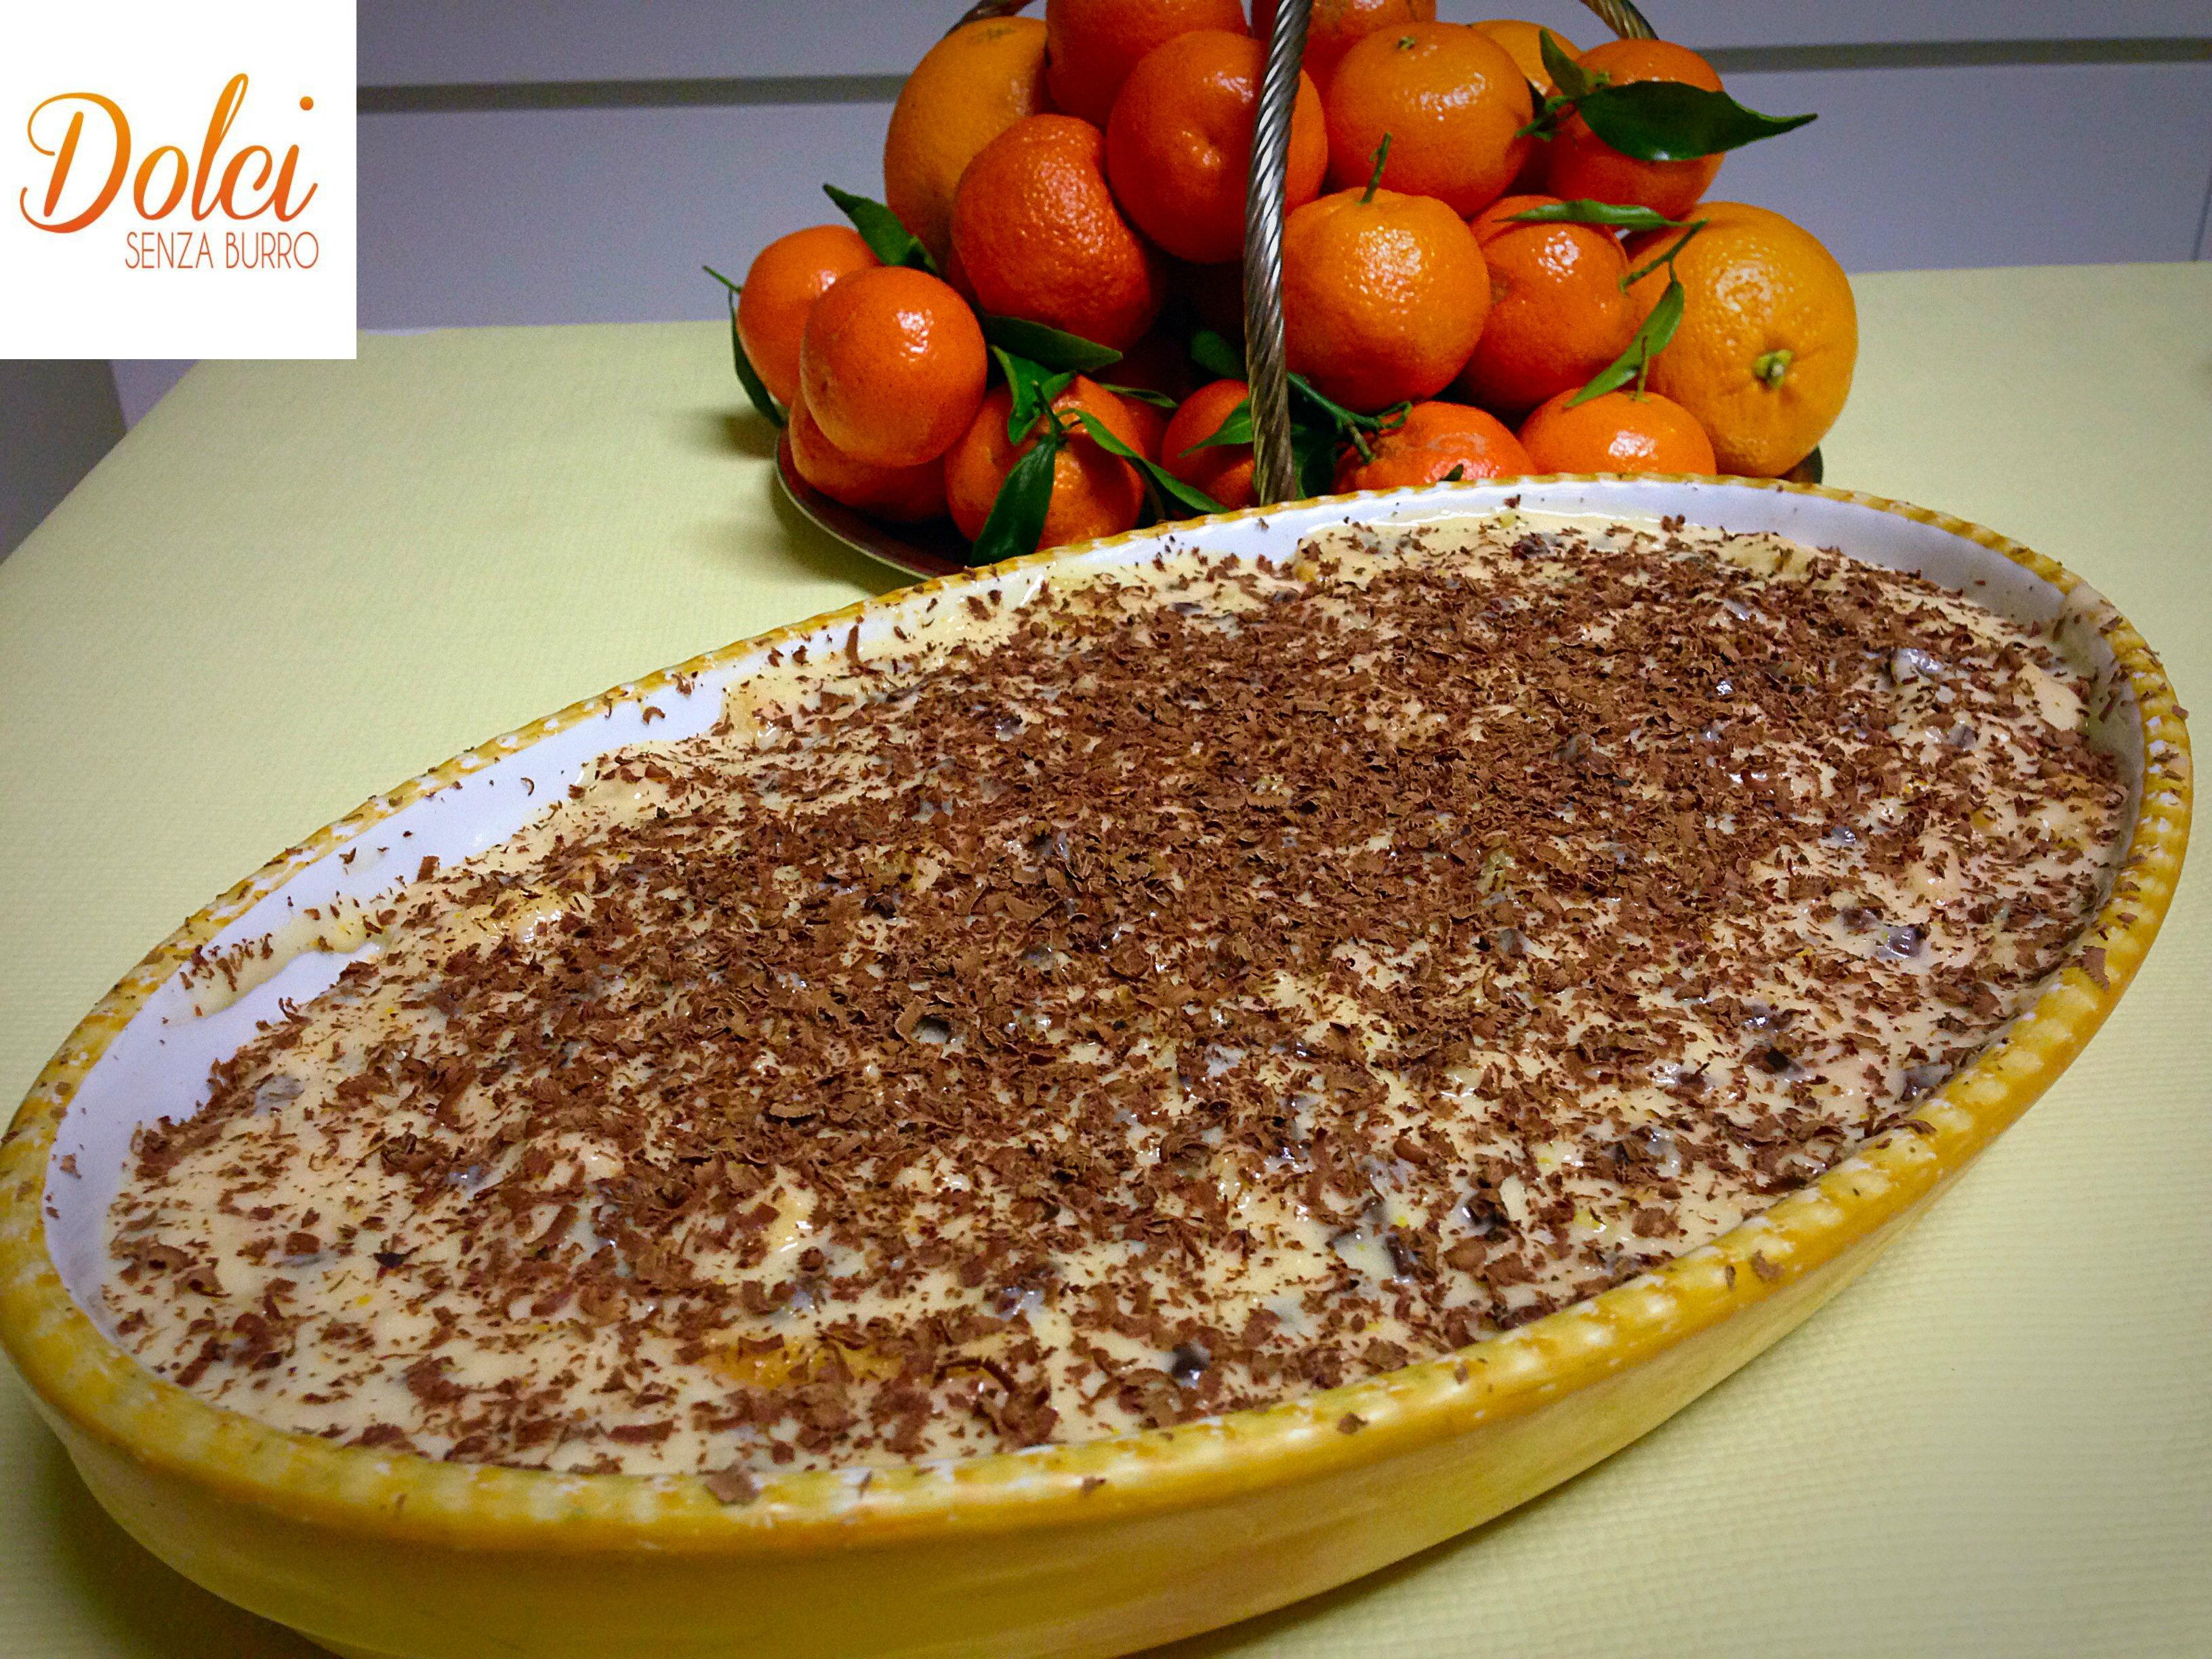 Tiramisù all'Arancia e Cioccolato. Un letto di savoiardi avvolti da una delicata crema all'arancia arricchita da scaglie di cioccolato fondente di dolci senza burro